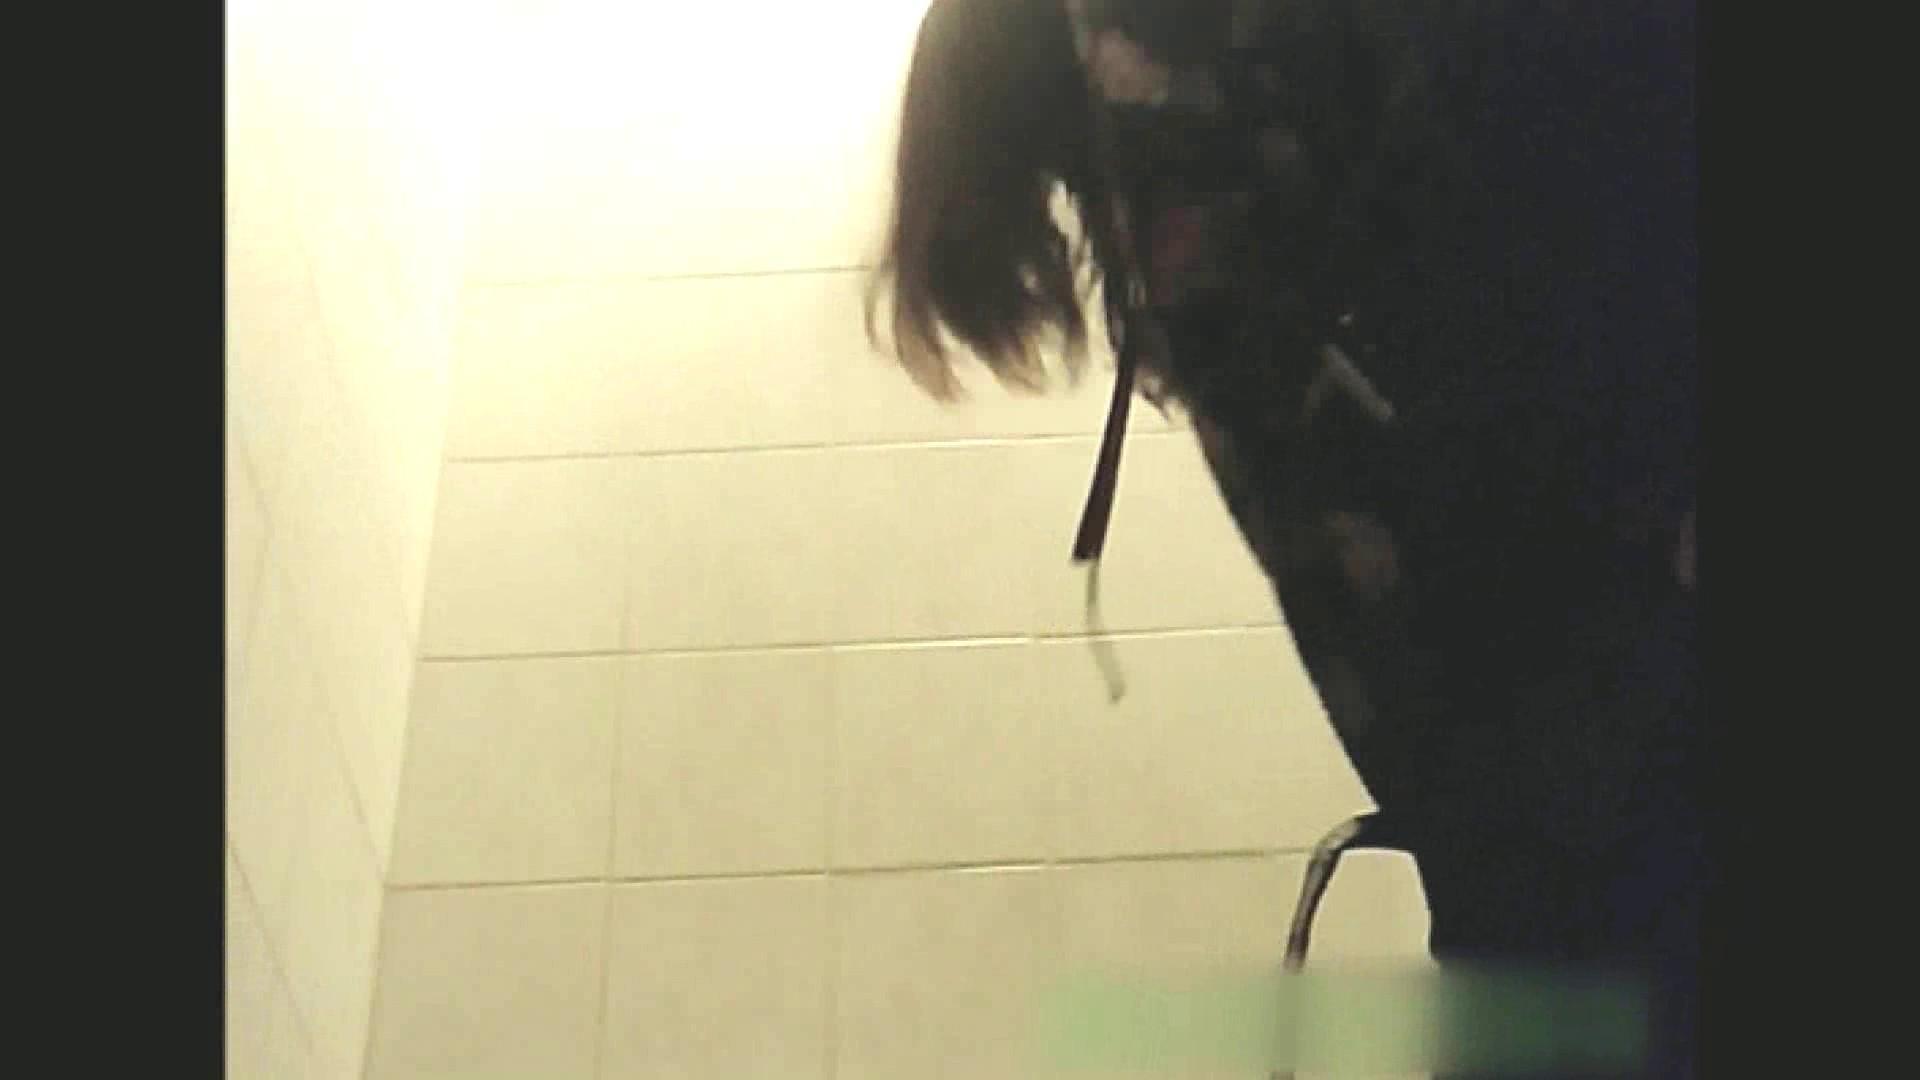 実録!!綺麗なお姉さんのトイレ事情・・・。vol.13 すけべなOL  81画像 12